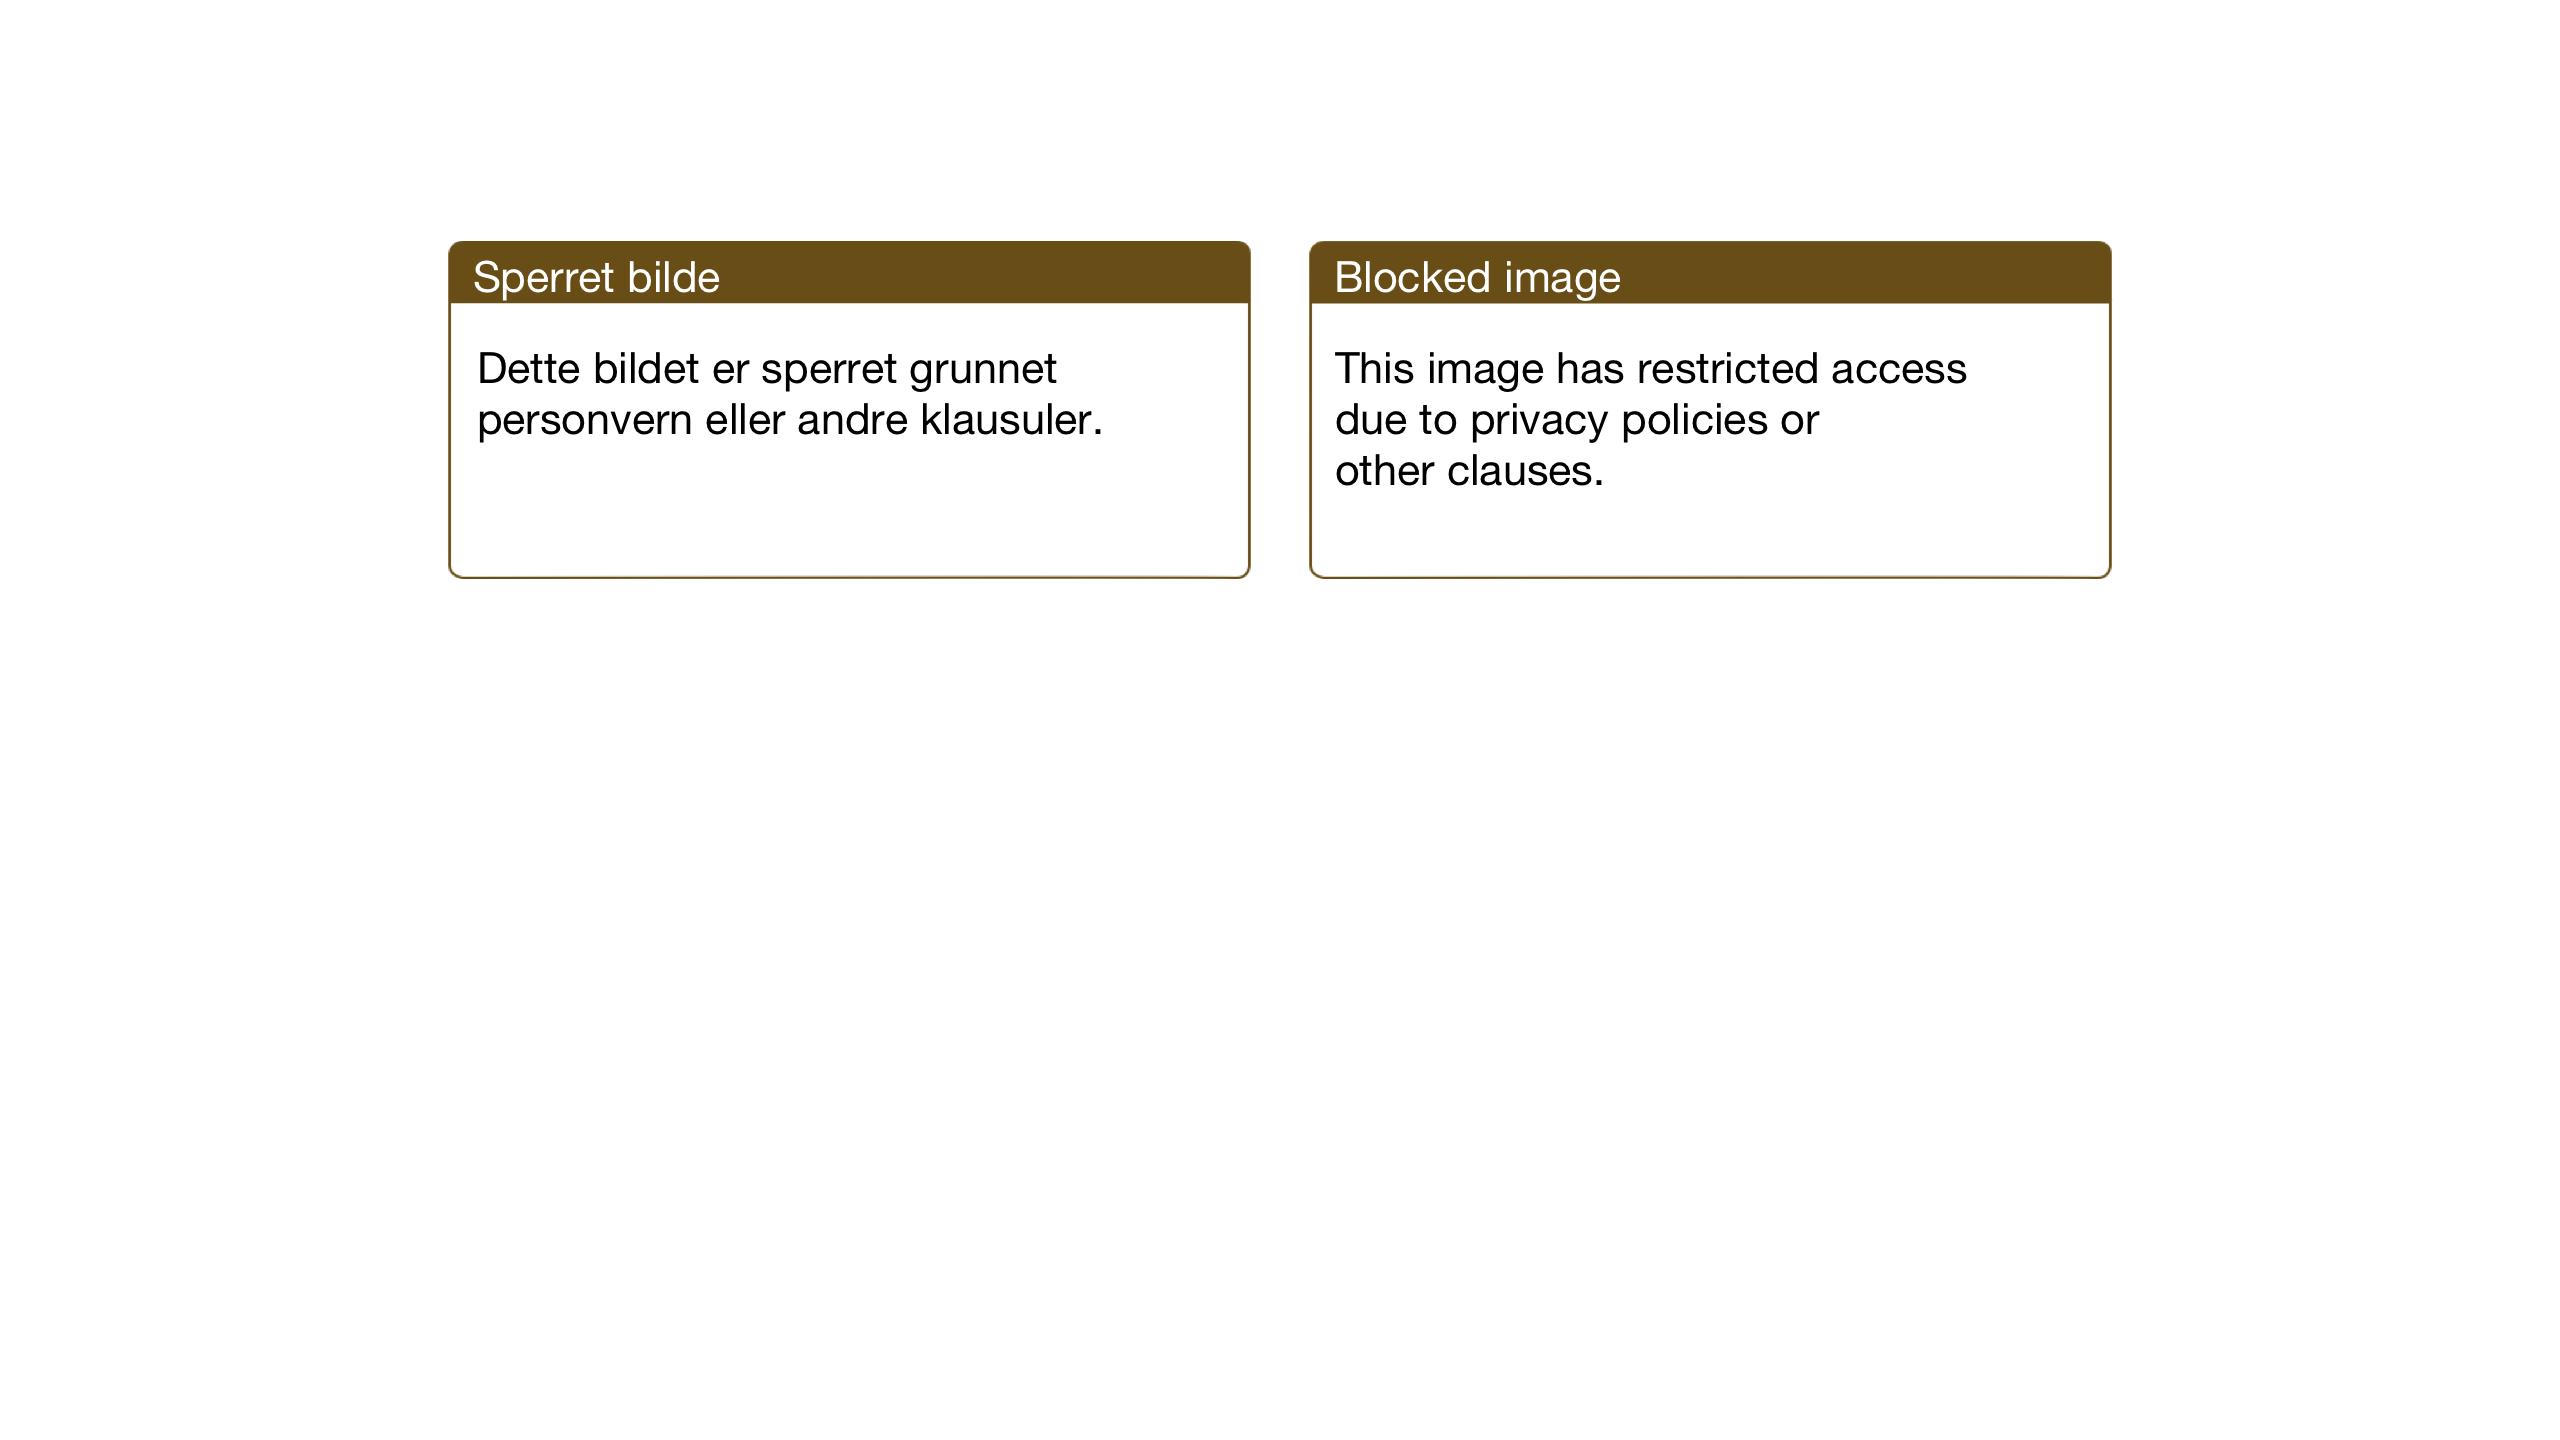 SAT, Ministerialprotokoller, klokkerbøker og fødselsregistre - Nord-Trøndelag, 774/L0631: Klokkerbok nr. 774C02, 1934-1950, s. 207